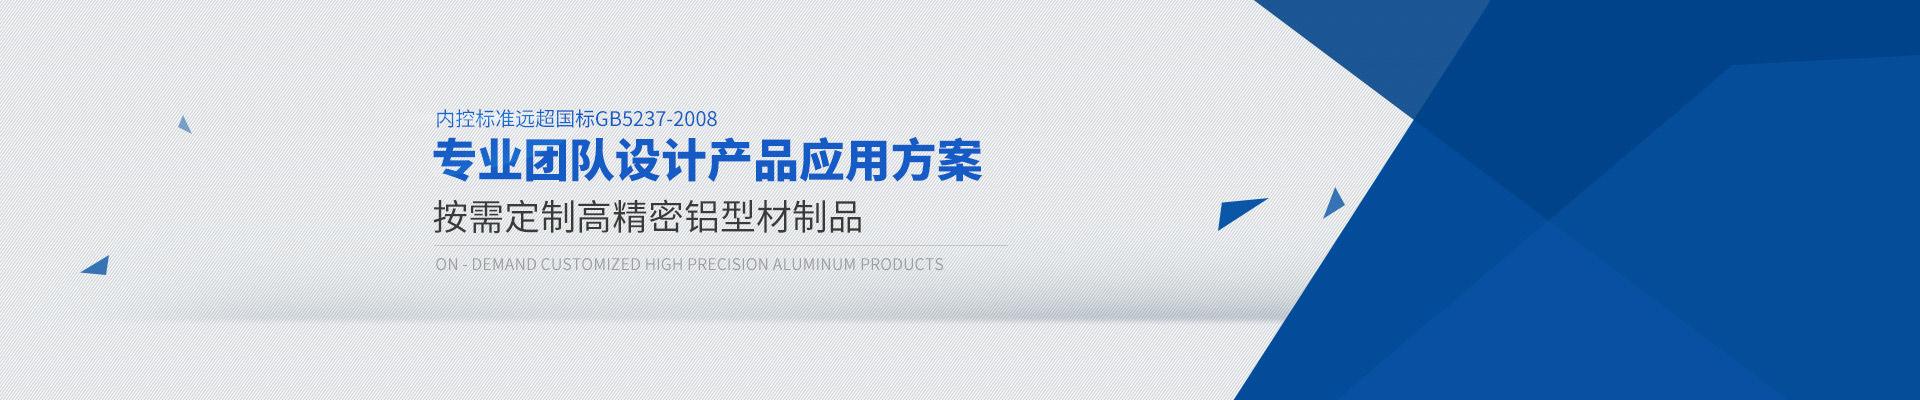 鸿发专业团队设计产品应用方案